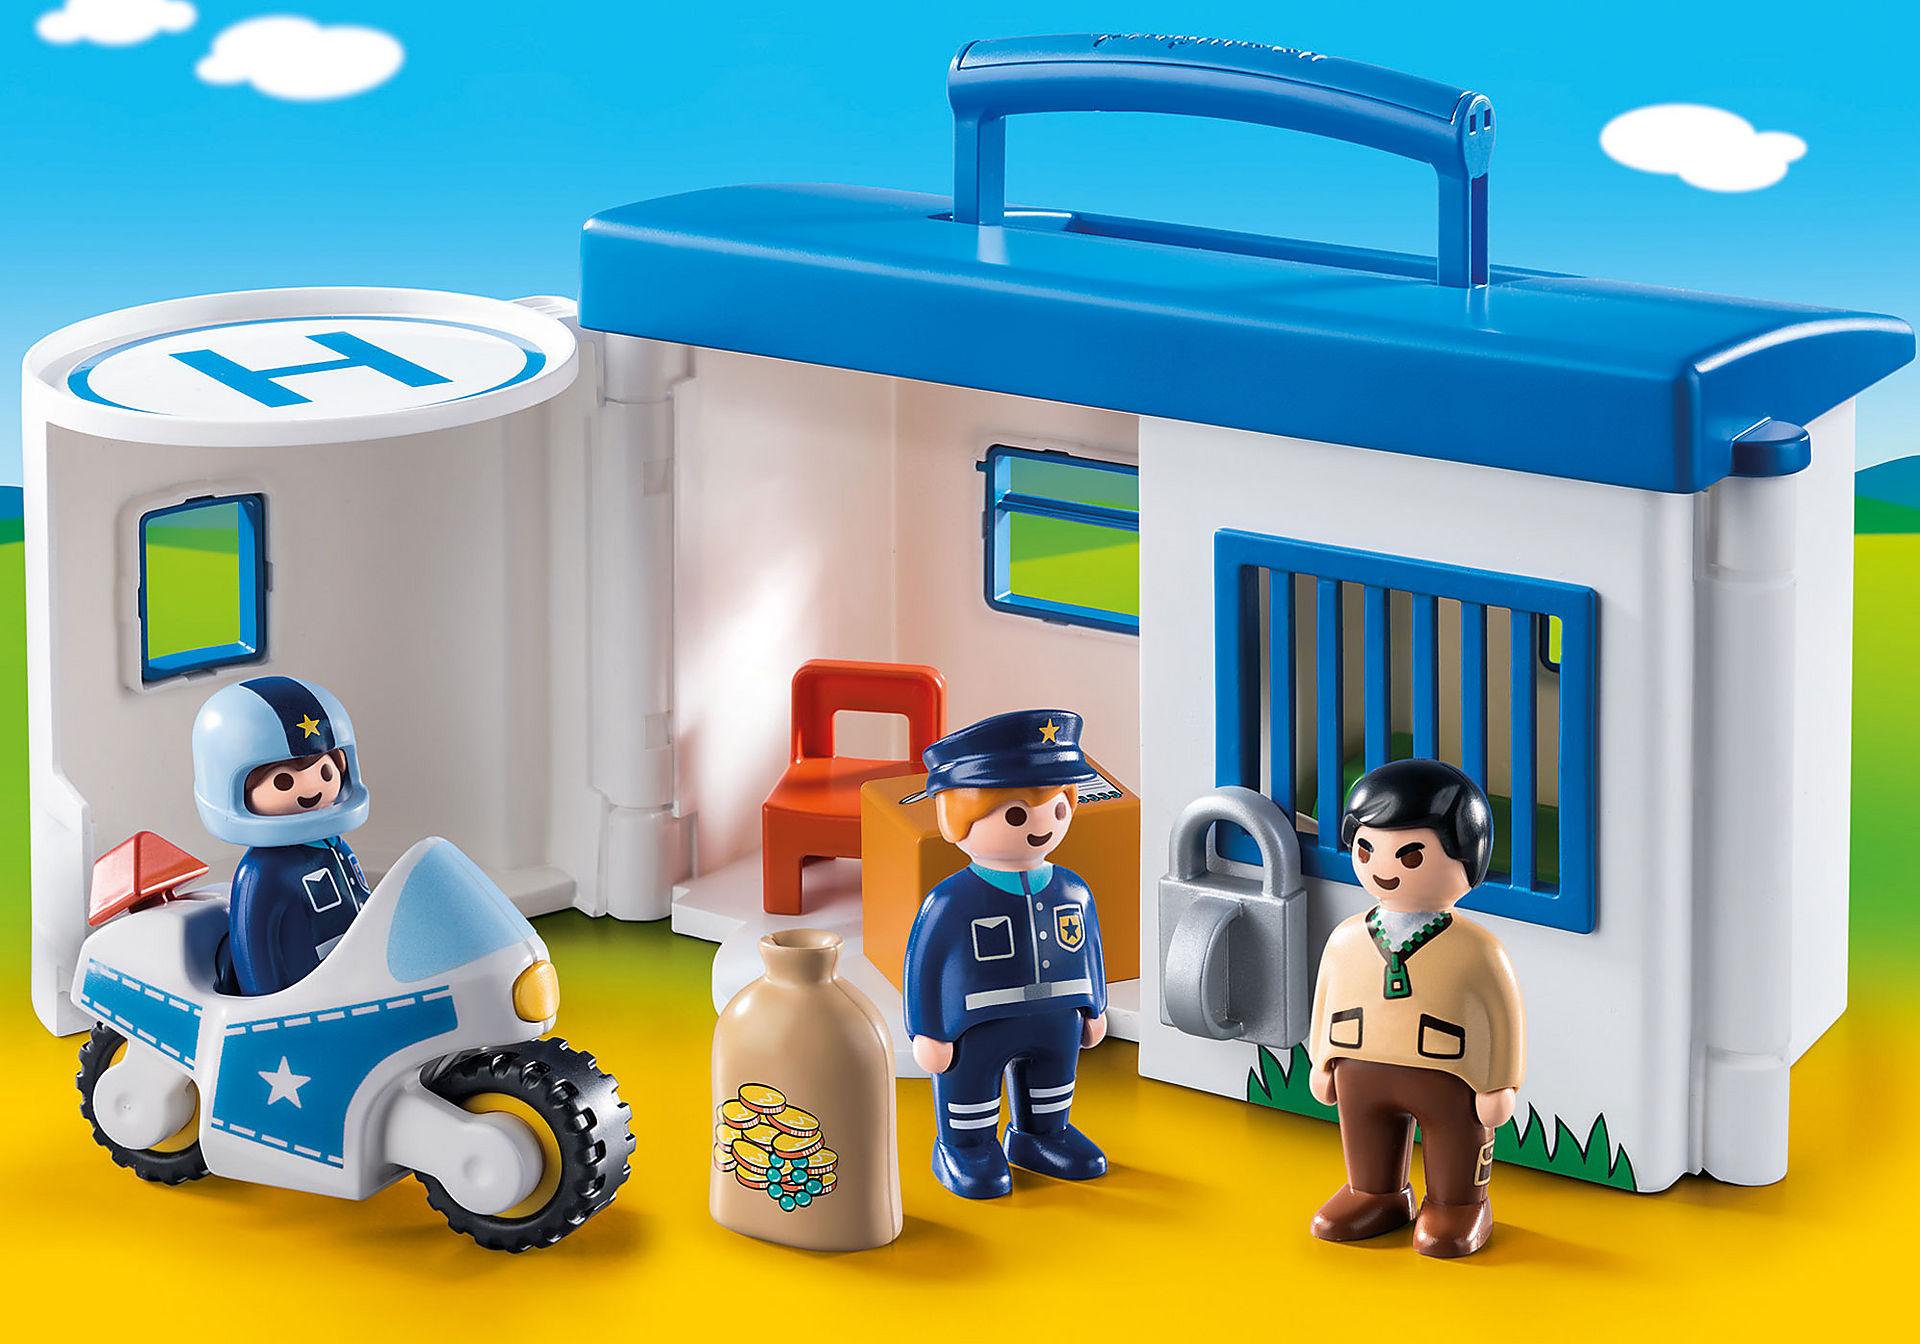 9382 1.2.3 Comisaría Policía Maletín zoom image1